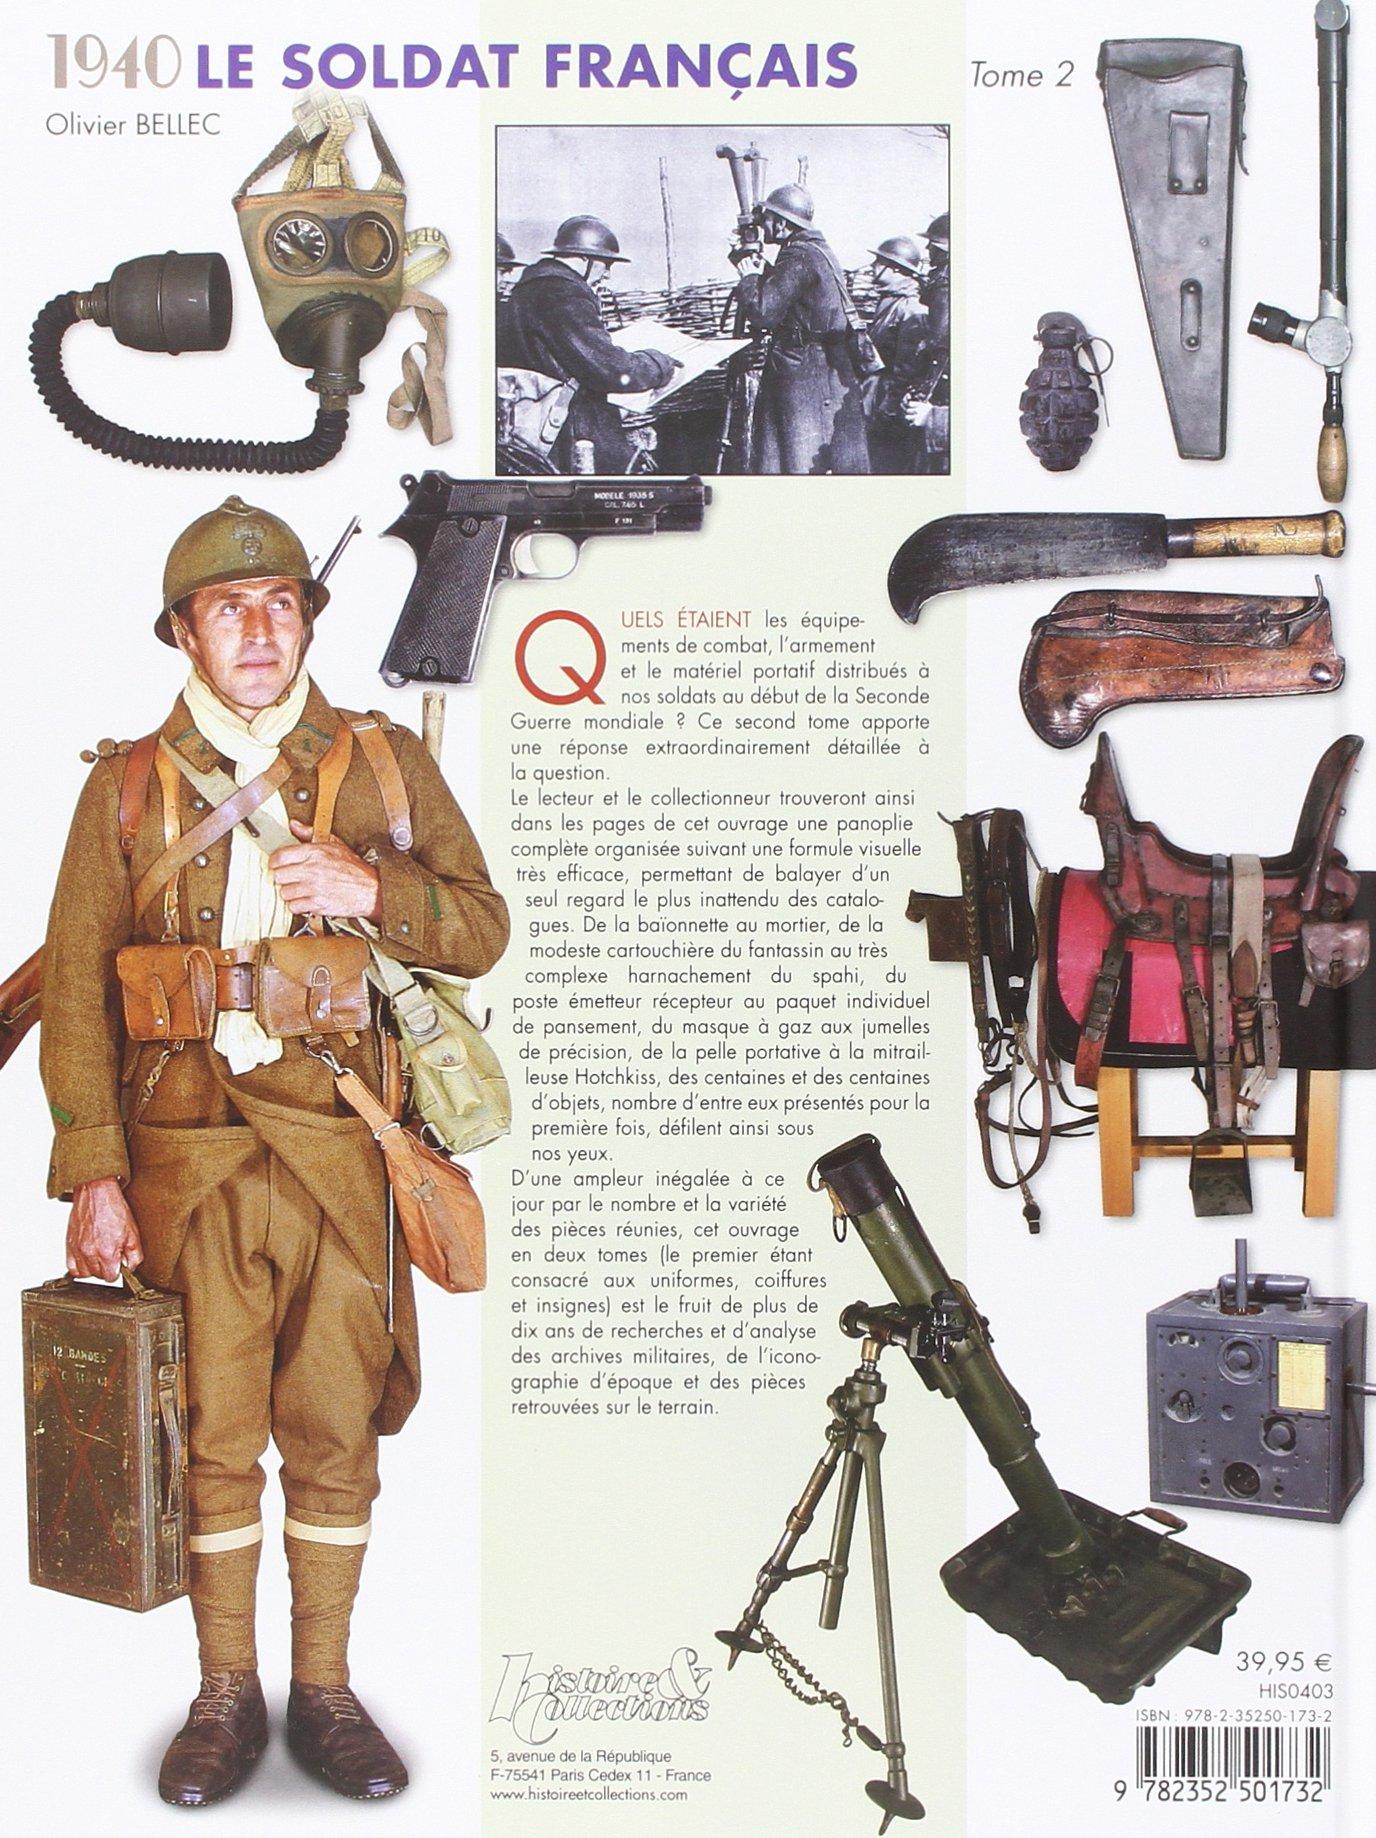 1940 Le Soldat Francais Tome 2: Equipement Amement Matieres (French Edition):  Olivier Bellec: 9782352501732: Amazon.com: Books